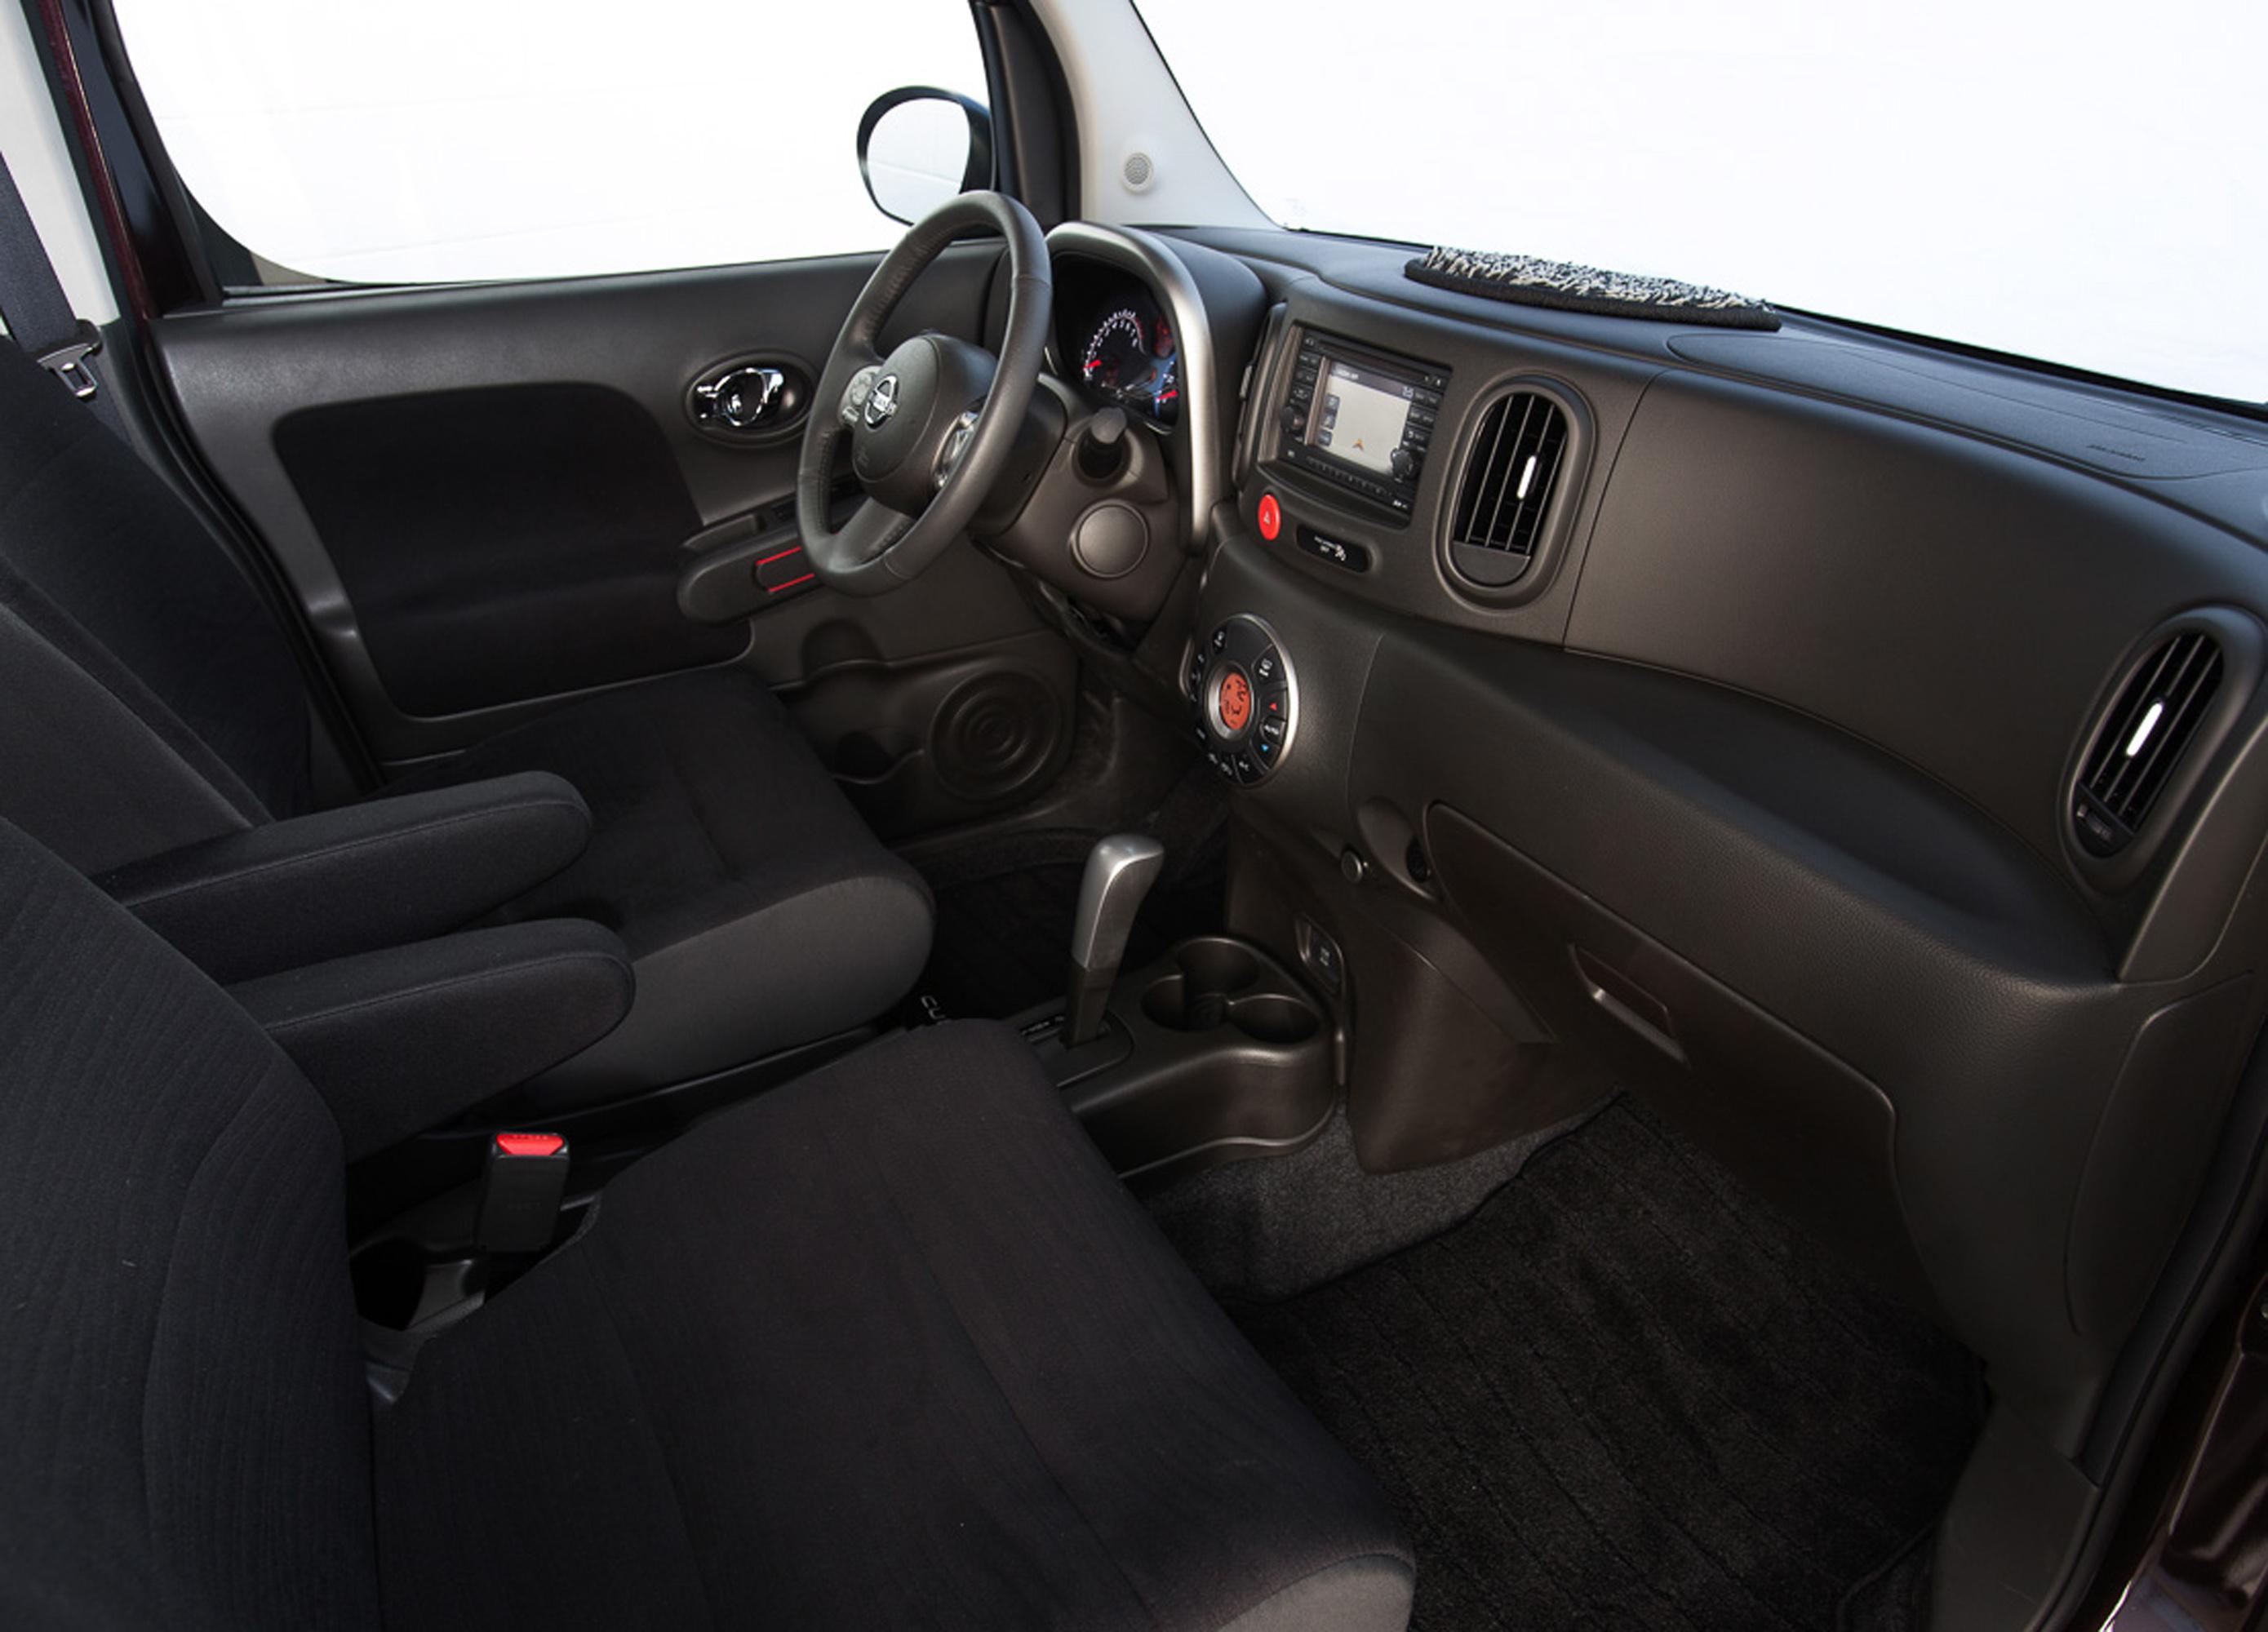 2013 Nissan Cube Hd Pictures Carsinvasion Com